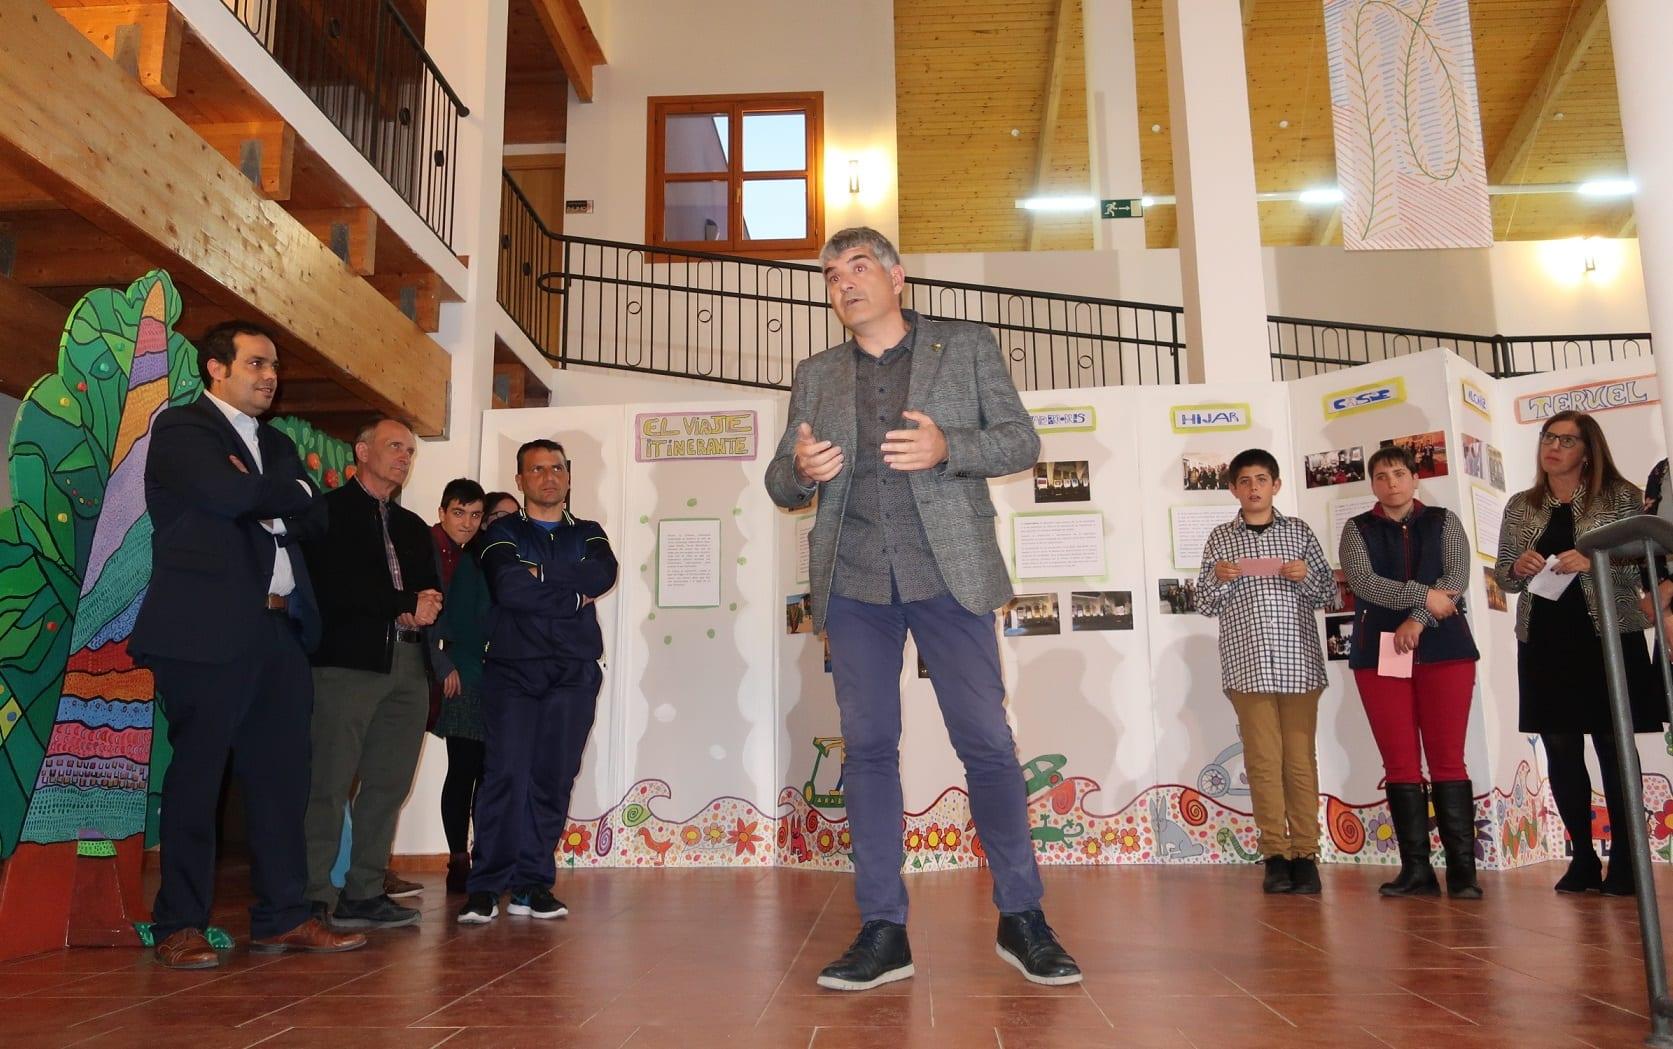 El arte creado por personas con discapacidad intelectual vuelve a Andorra